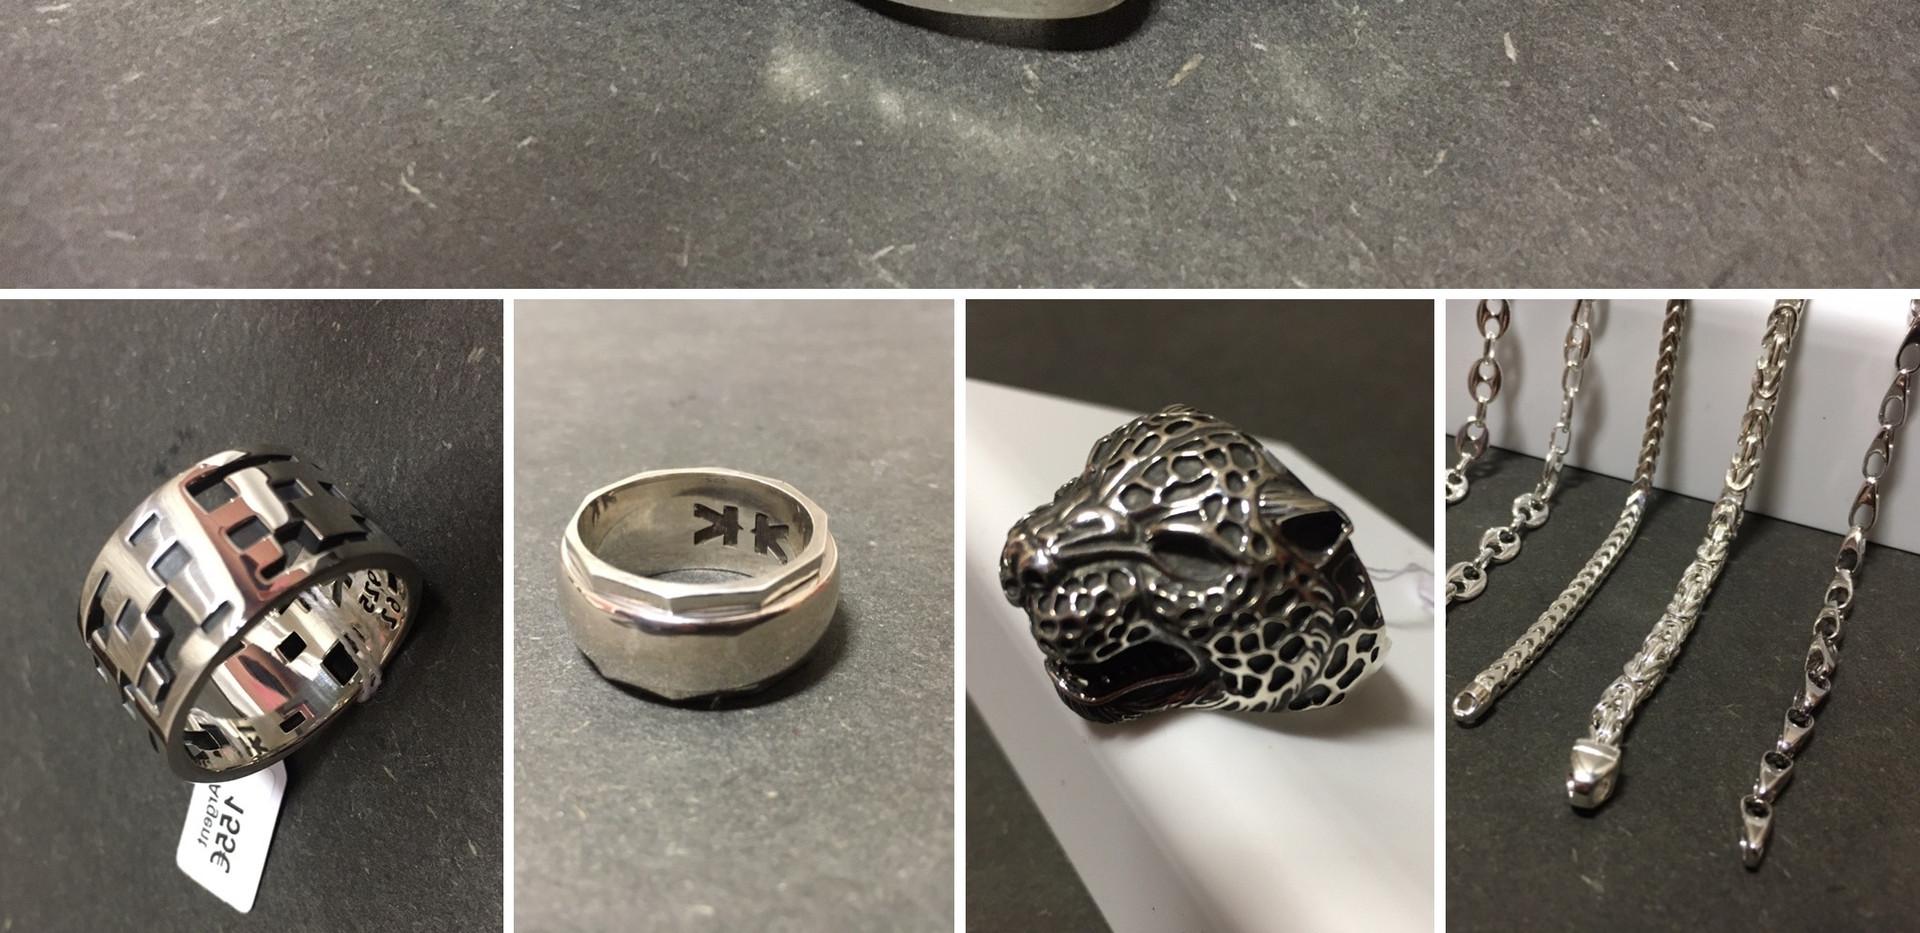 Nouveauté IKKU, bijoux en argent pour un style unique. HOMME Bracelet os de dragon 340€ Bague 155€ Bague méditation 220€ Bague panthère 140€ Choix bracelet maille à partir de  55€